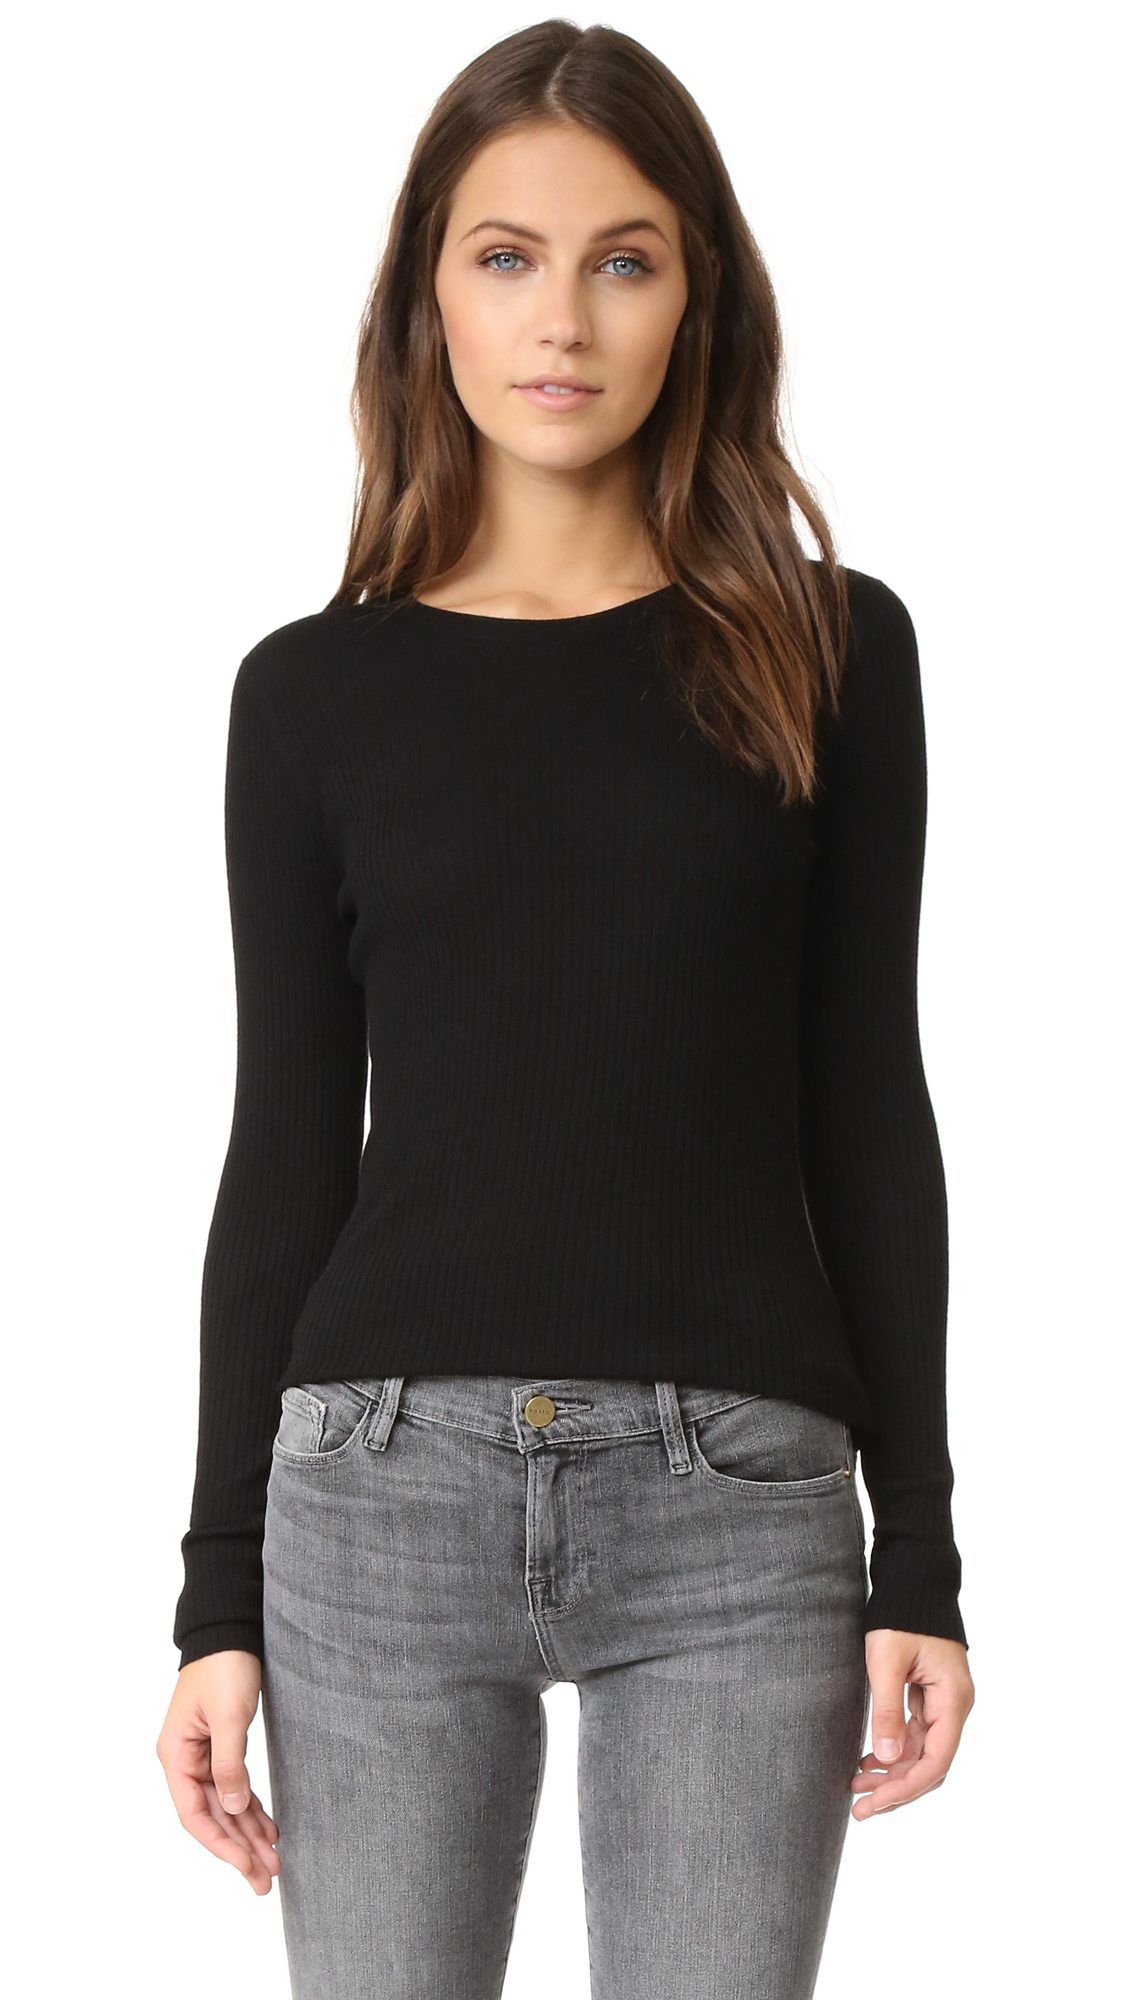 Theory Mirzi Sweater - Black